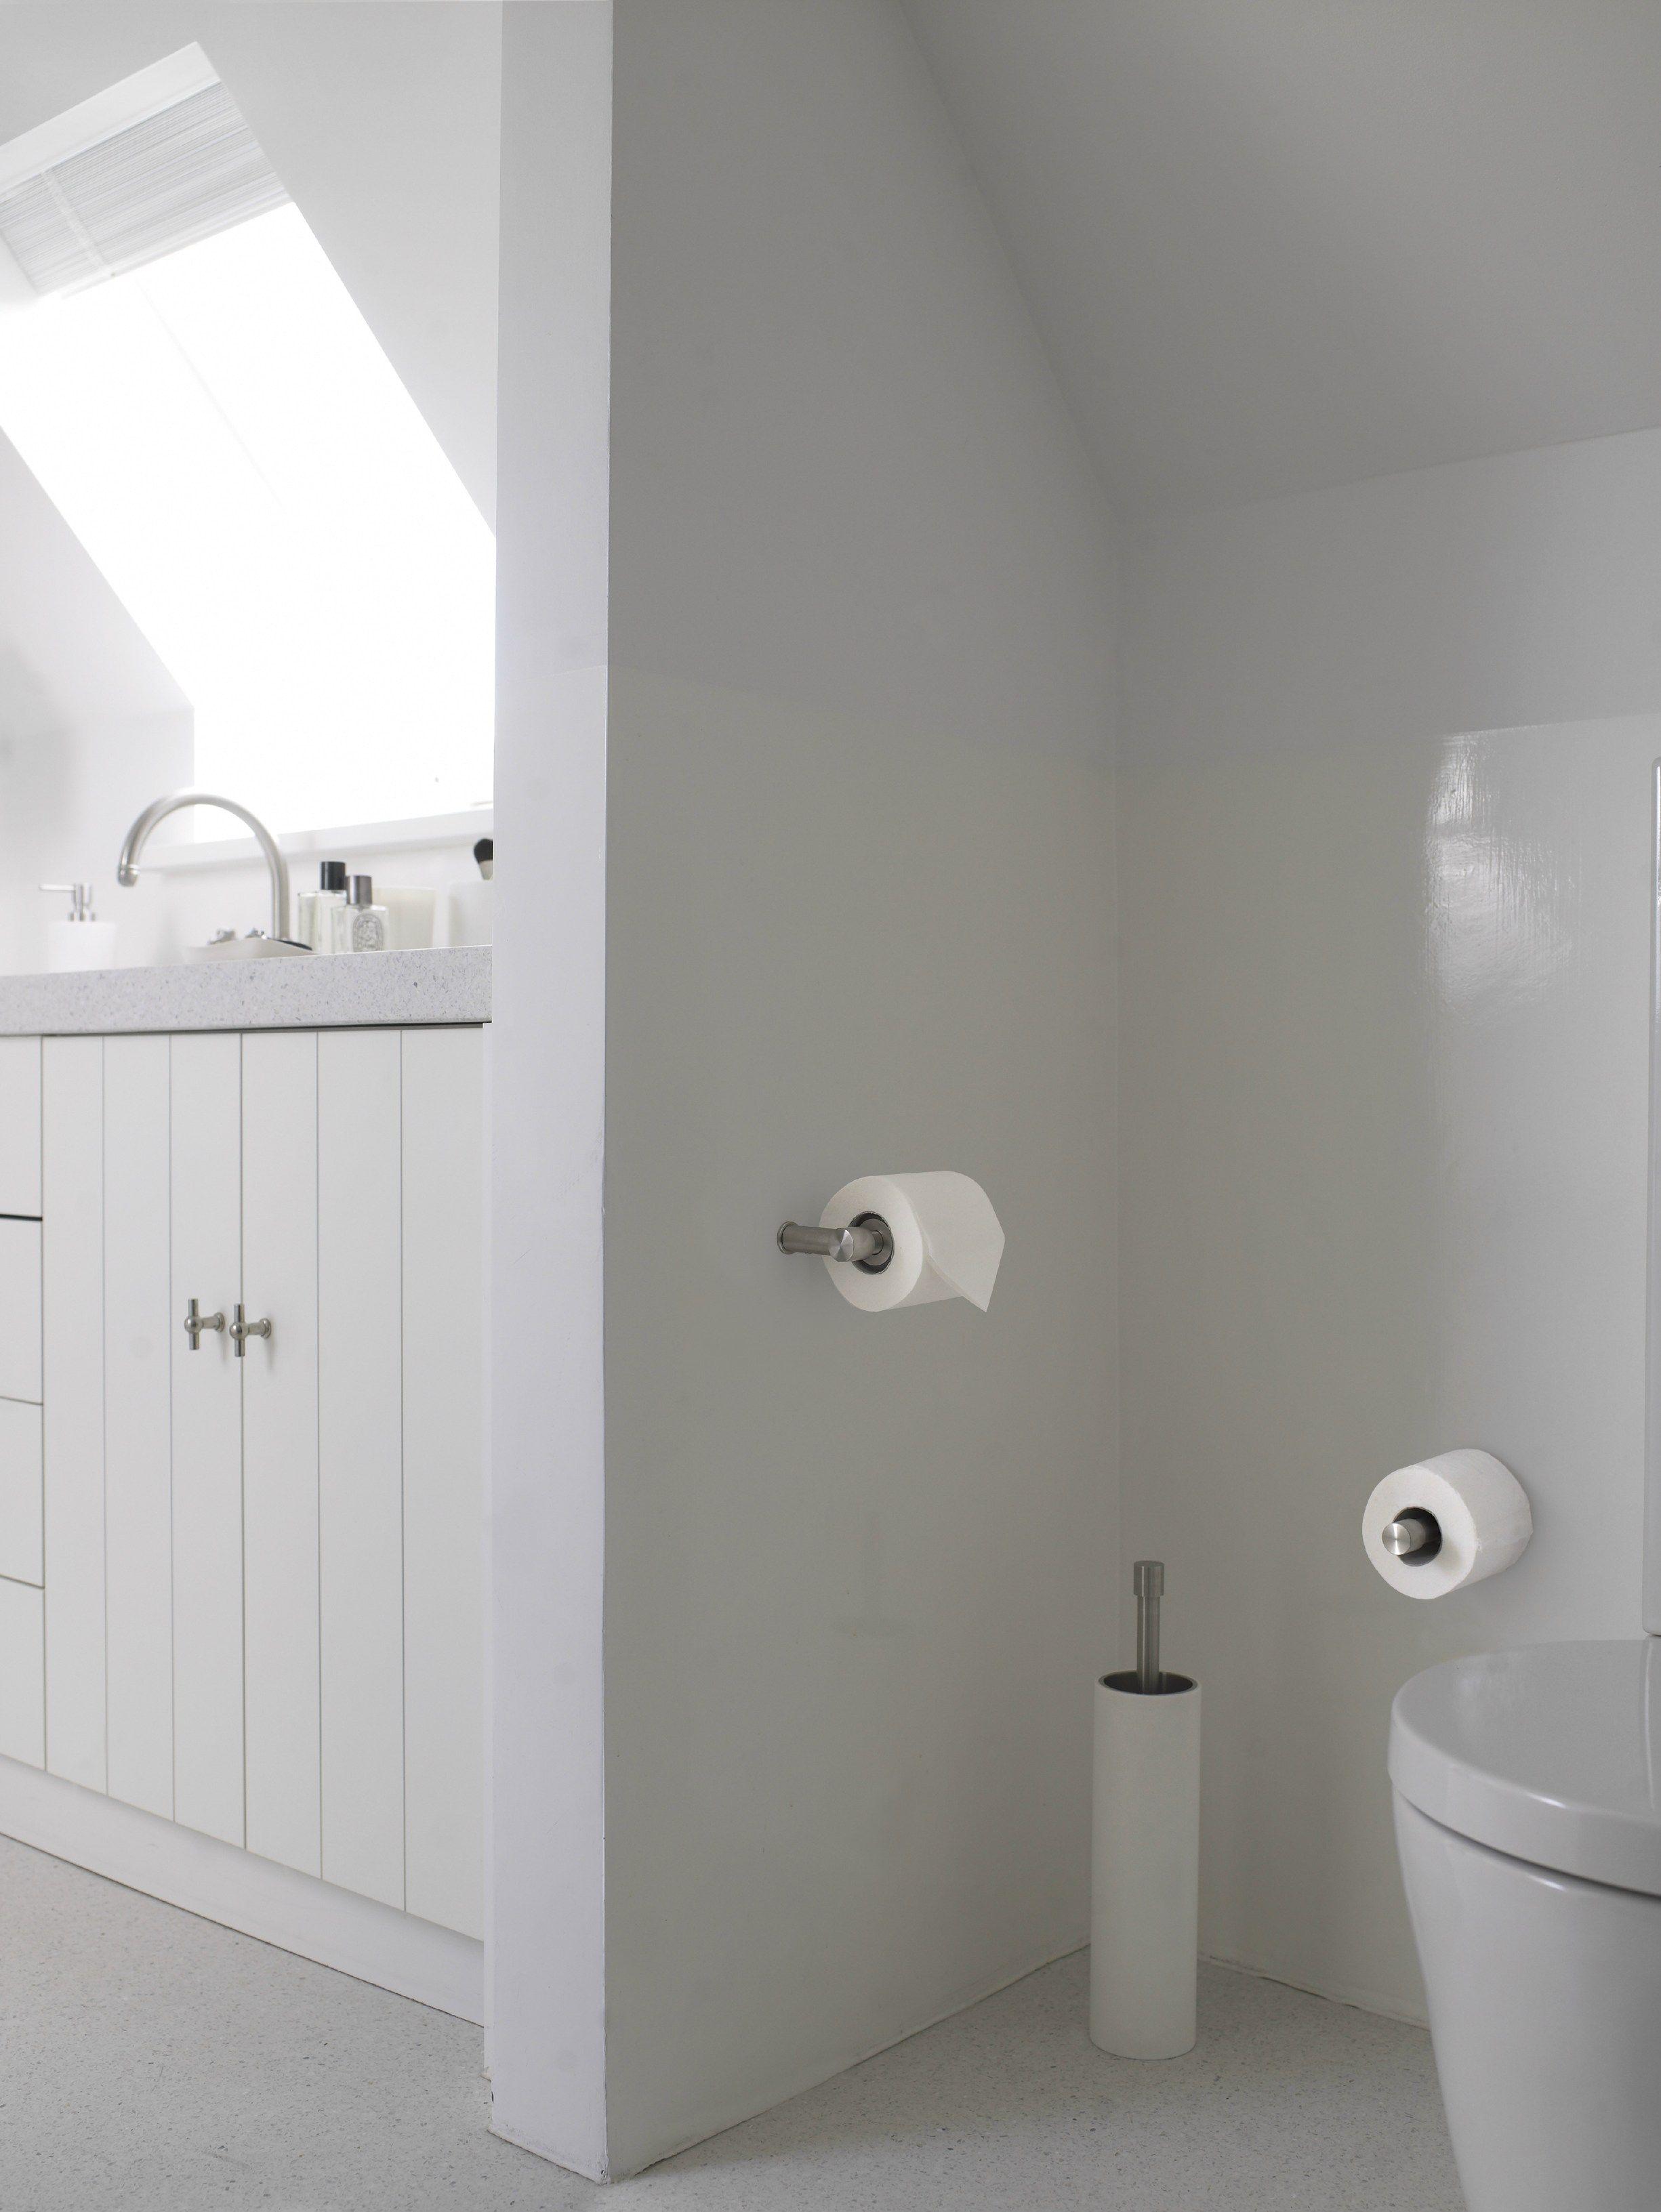 Pin Von Olga Schmidt Auf Badezimmer Toiletten Badezimmer Bad